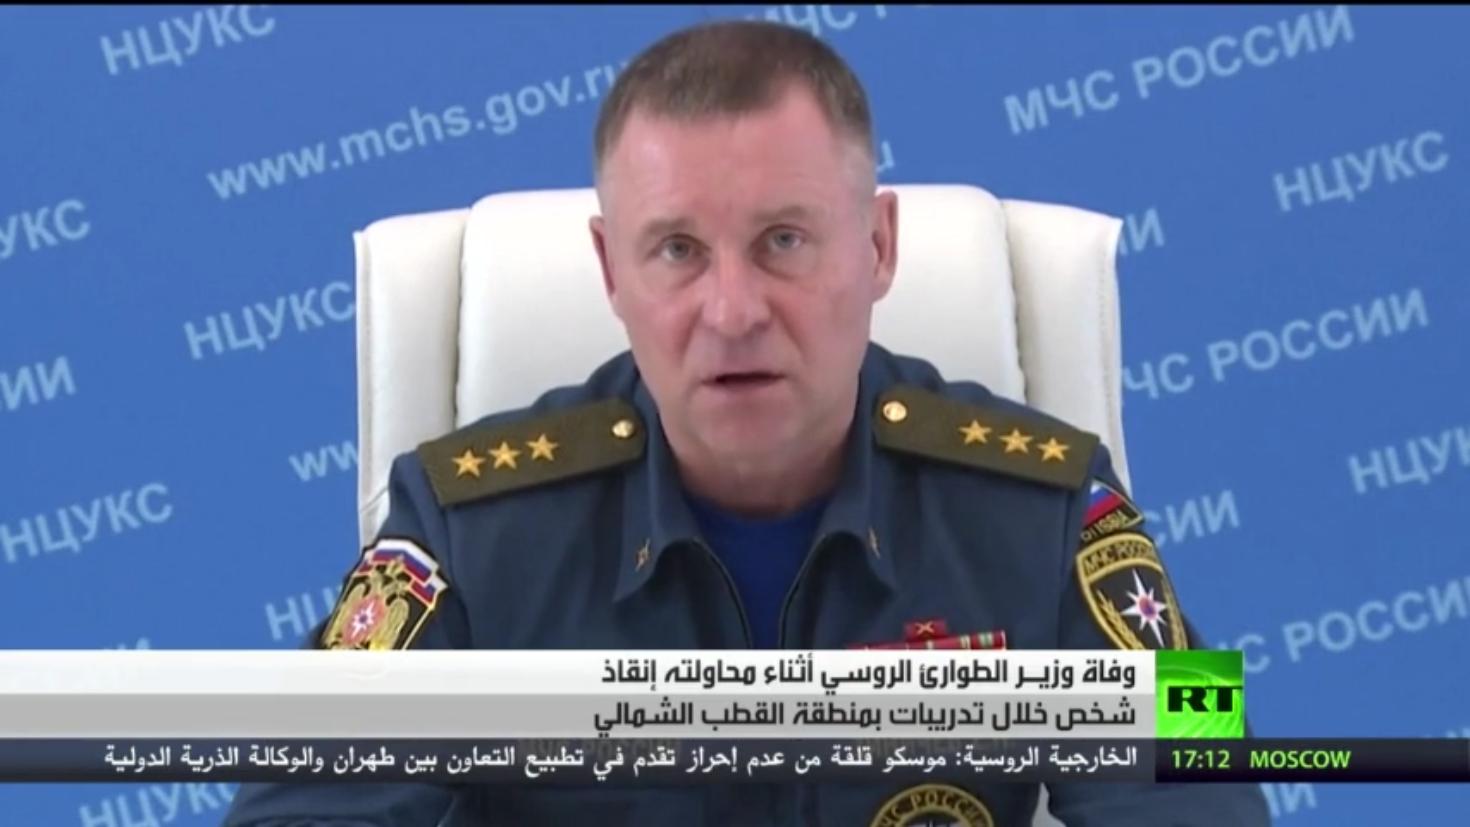 وفاة وزير الطوارئ الروسي في حادث